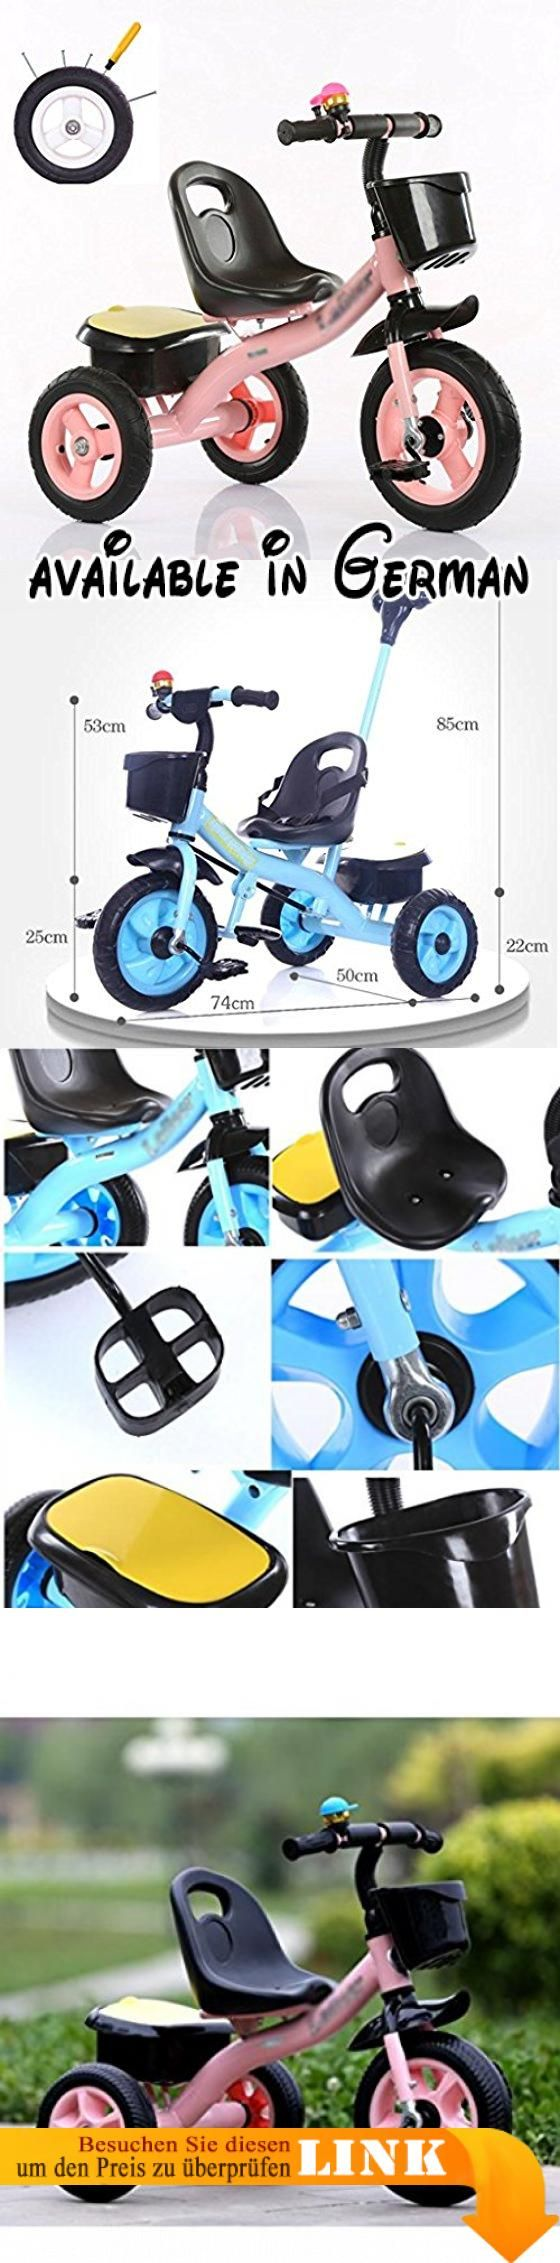 Dreirad und Kinderwagen Baby Dreiräder, Cabriolet Pedal Trike Push Bike Easy Steer Dreirad Kinderwagen Spielzeugauto ( Farbe : A ). Wächst mit deinem Kind - 4 Wege zu reiten: Säugling Trike, Lenkung Trike, Learn-to-Ride Trike und klassischen Trike.. Sichere 3-Punkt-Kabelbaum und hohen Rücksitz für Säuglingssicherheit.. Abnehmbarer Sicherheitsbehälter mit Becherhalter. Einstellbarer Sitz wächst mit Ihrem Kind.. Erwachsene Steer & Stroll einstellbarer Schiebegriff.